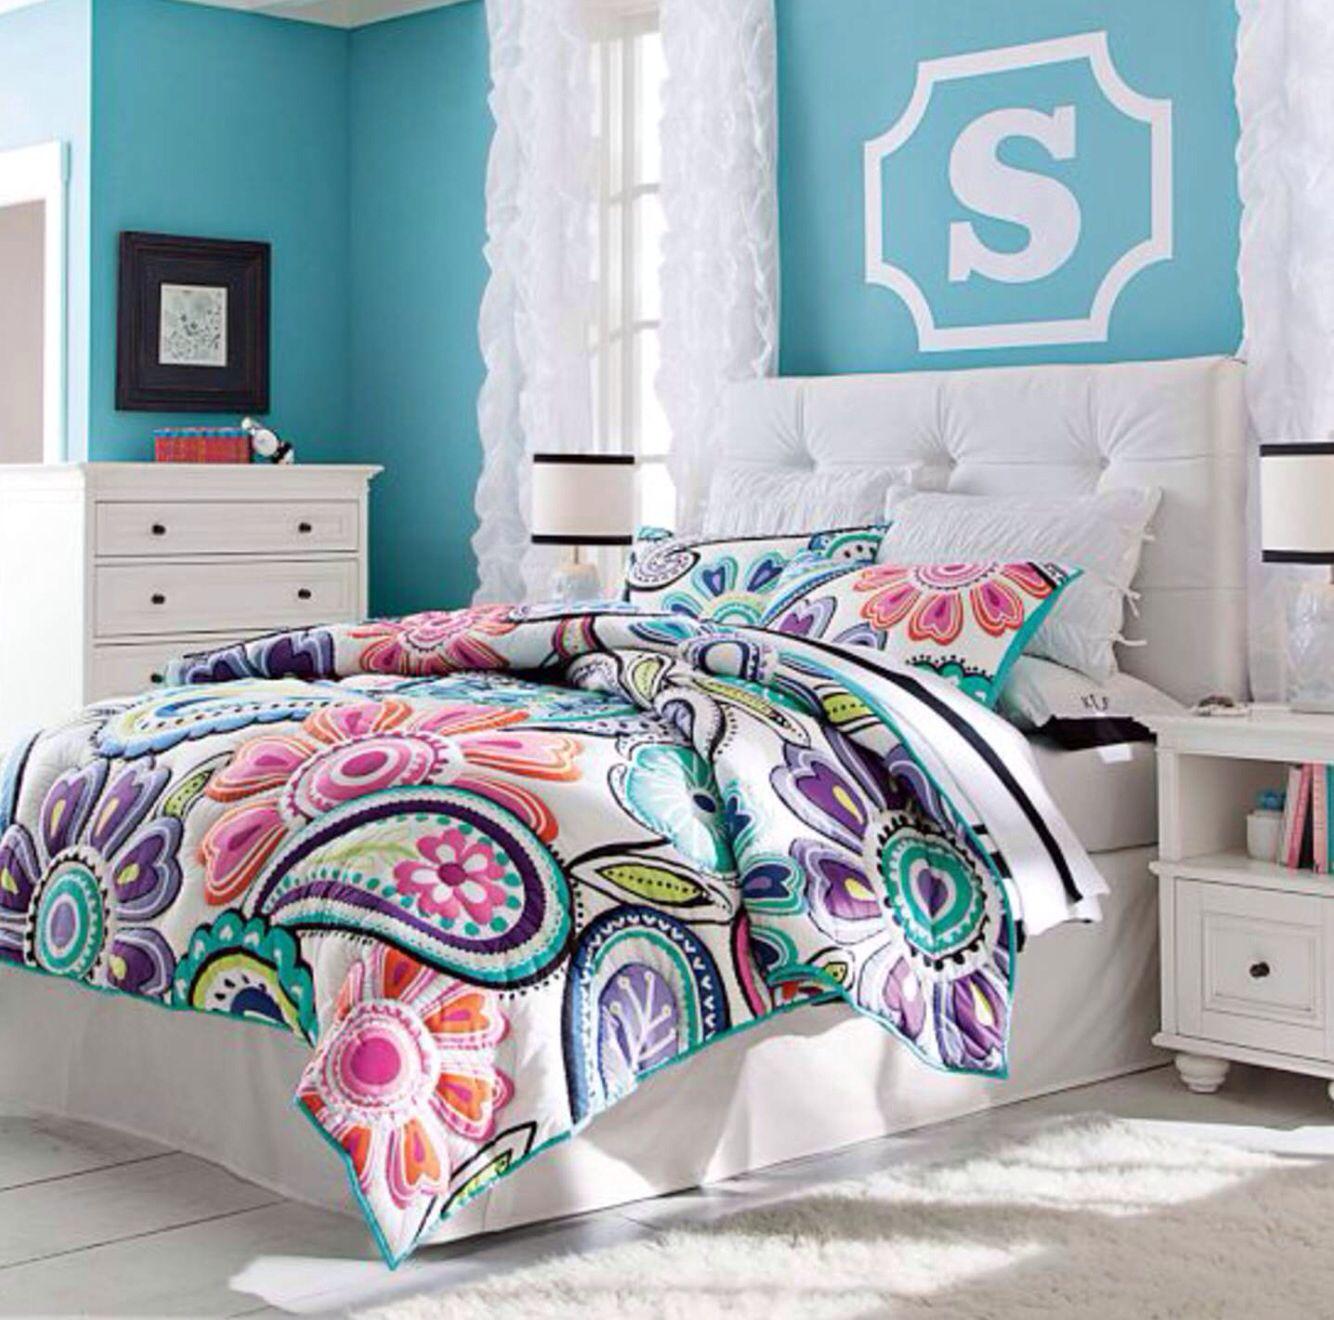 Girls Bedroom Pics: Girls Bedroom